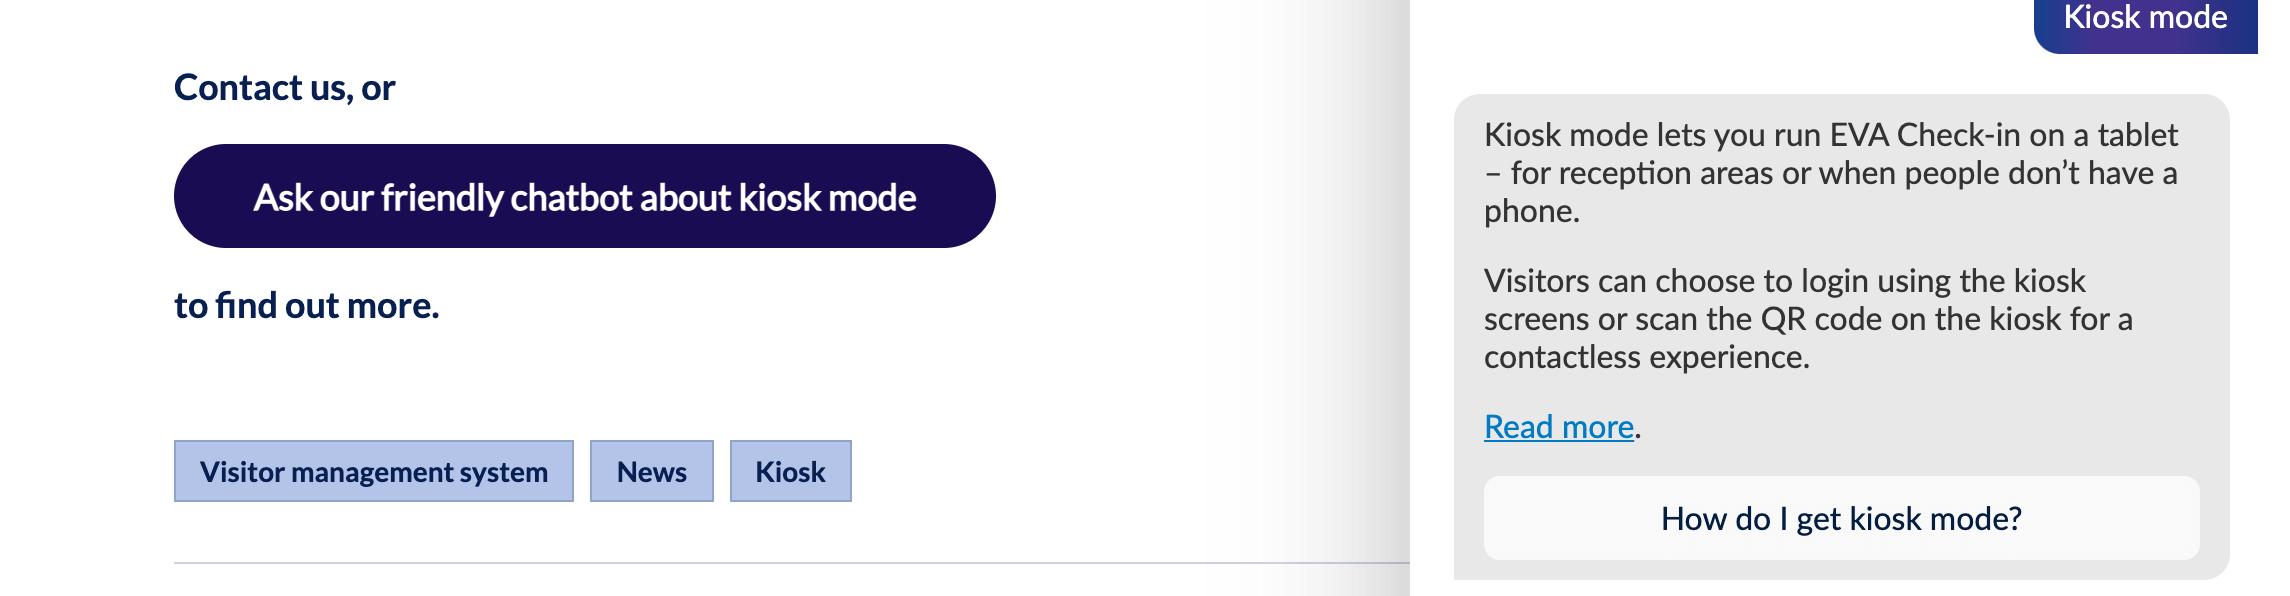 Chatbot kiosk mode